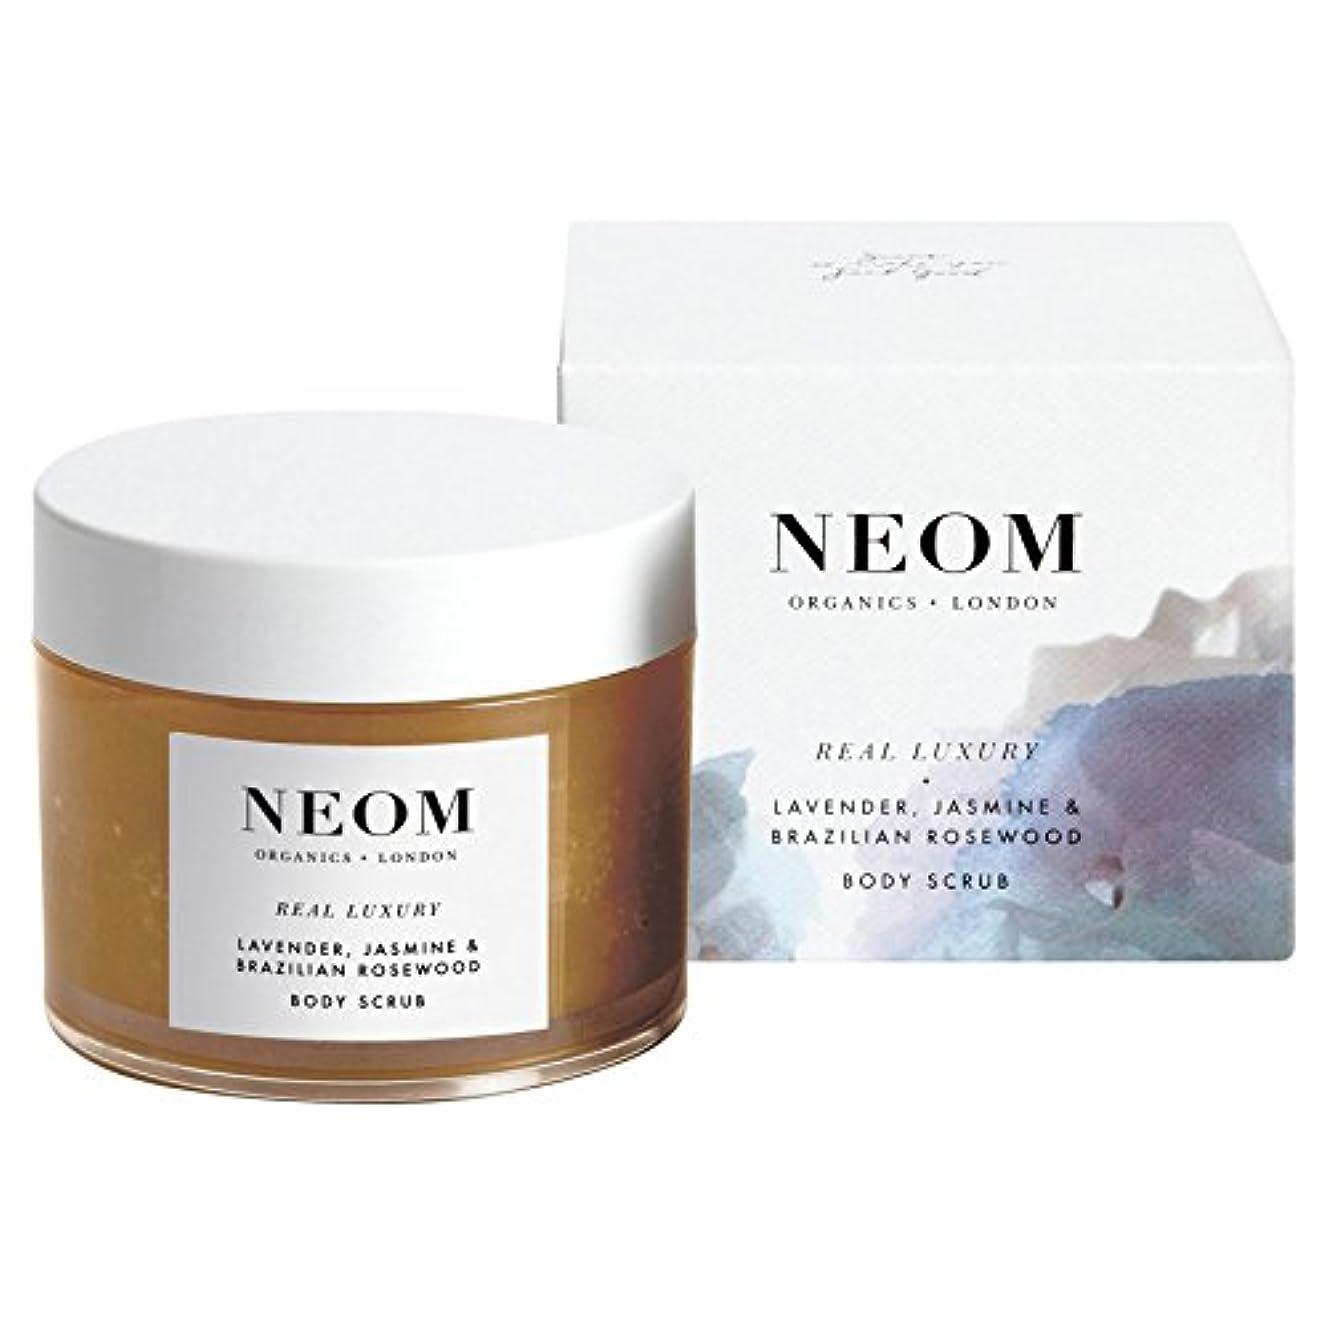 放射性抱擁実現可能性[Neom] Neom本当の贅沢なボディスクラブ332グラム - Neom Real Luxury Body Scrub 332g [並行輸入品]